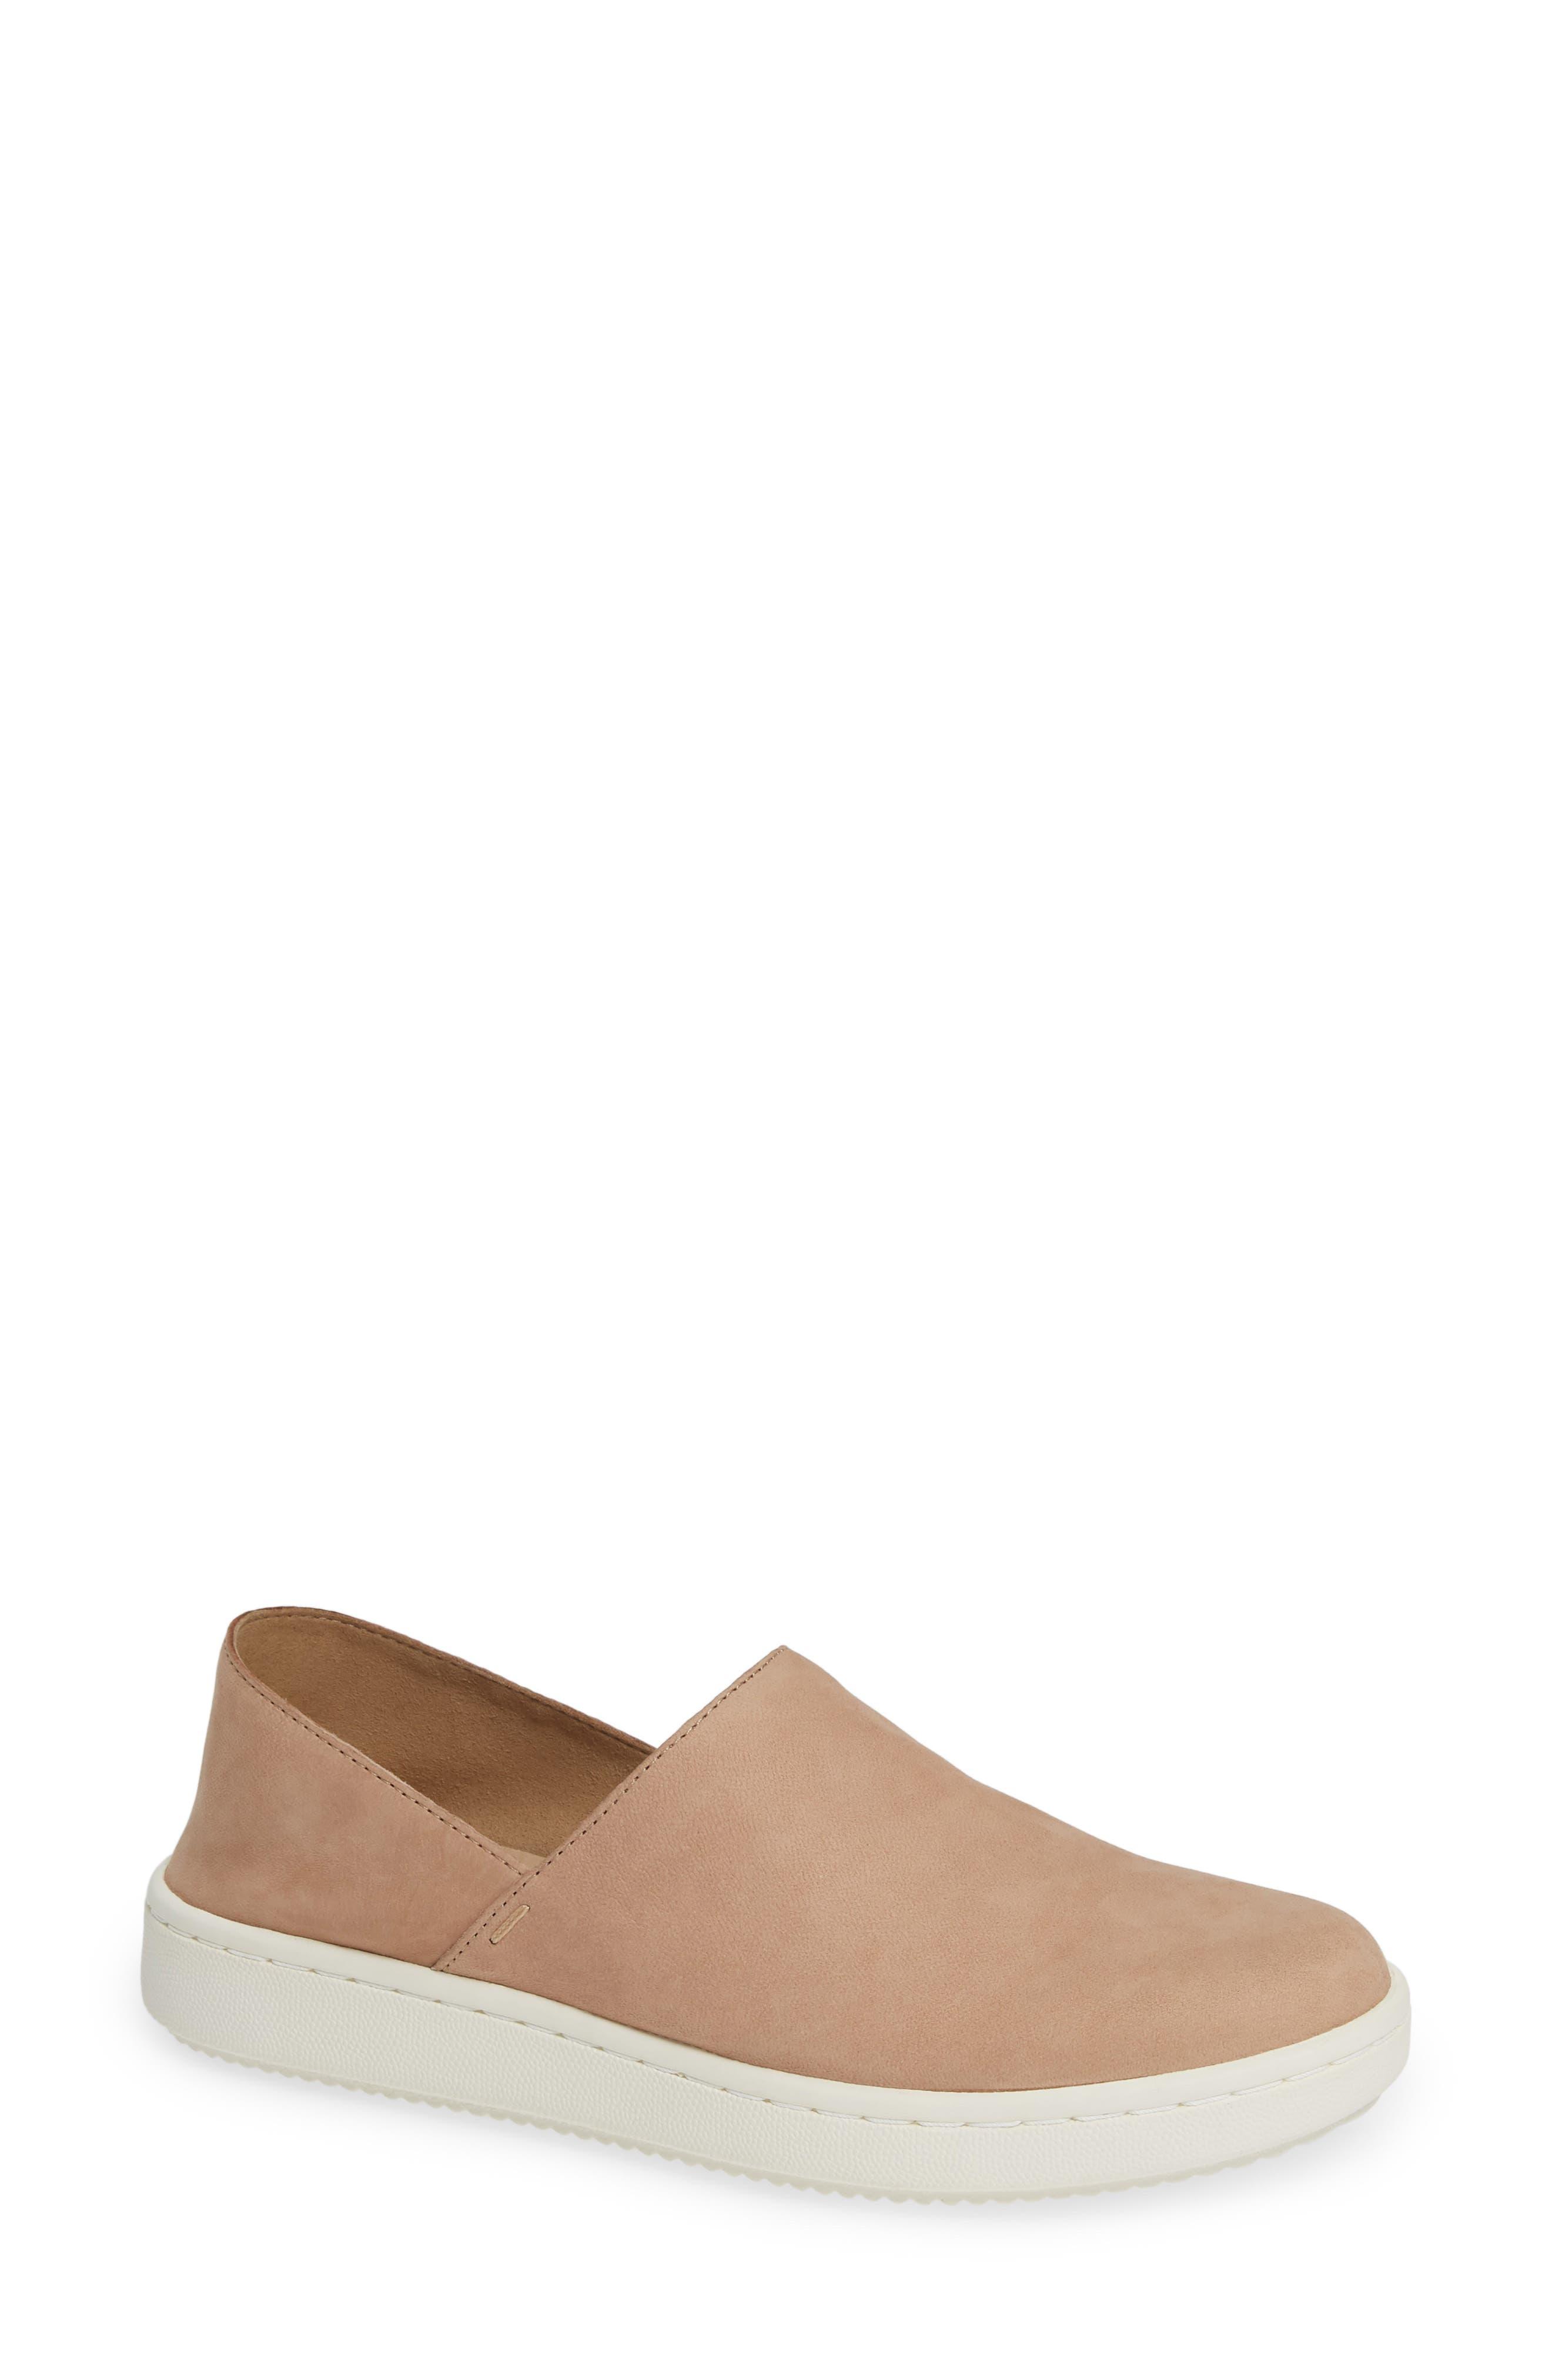 Eileen Fisher Panda Ii Slip-On Sneaker- Beige